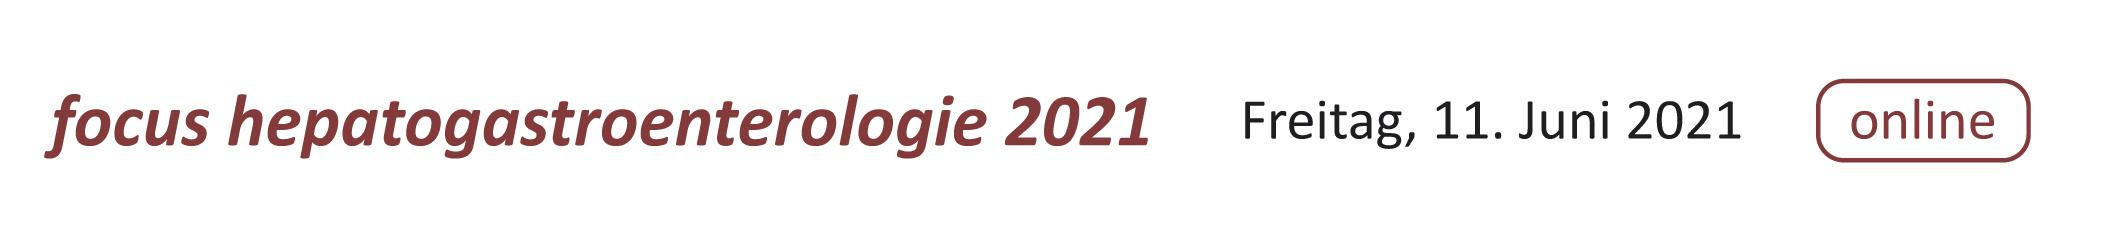 Focus Hepatogastroenterologie 2021